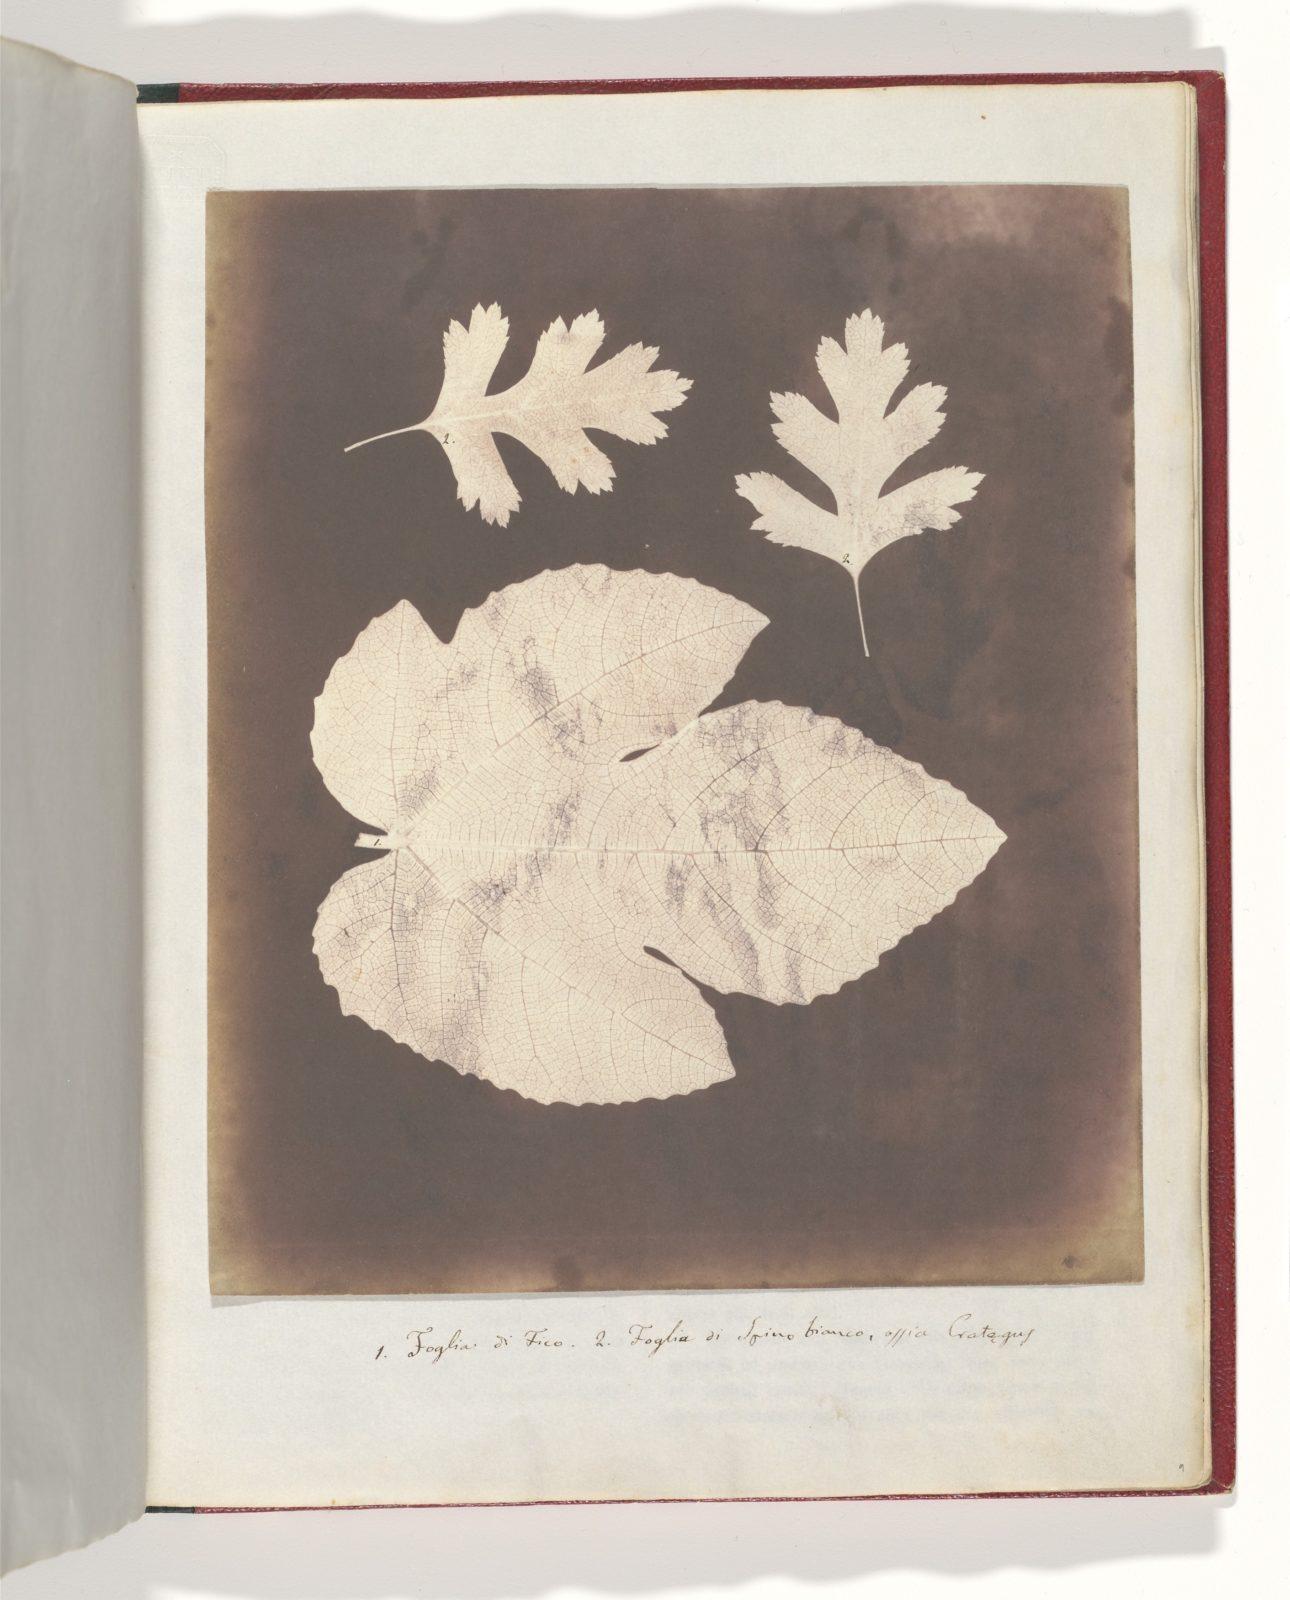 1. Foglia di Fico. 2. Foglia di Spino bianco, ossia Crataegus